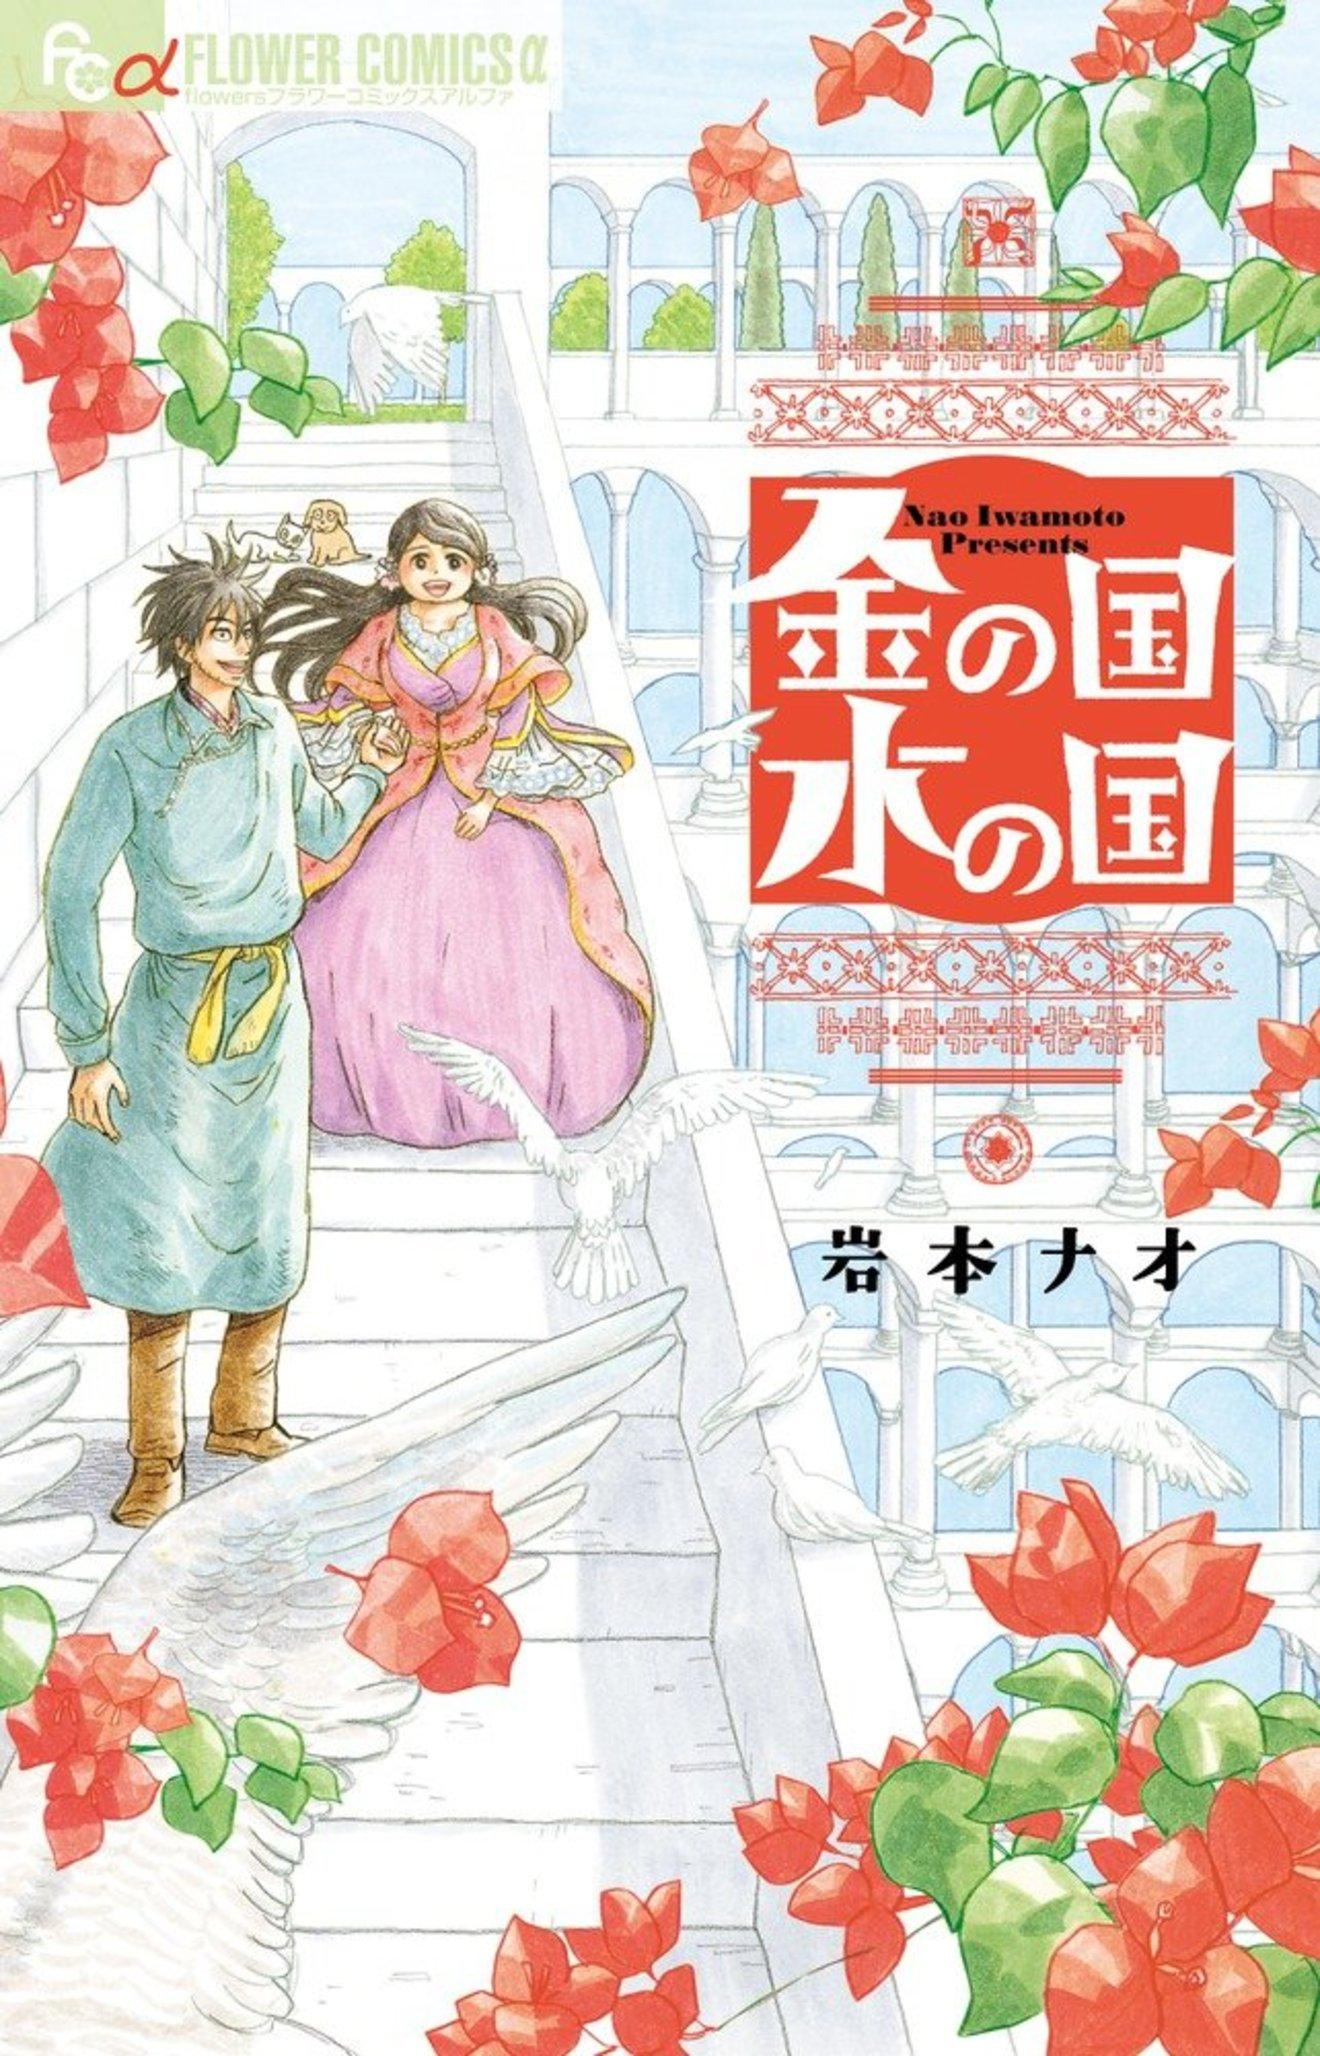 漫画『金の国 水の国』の魅力をネタバレ紹介!1巻完結なのに広がる世界観!